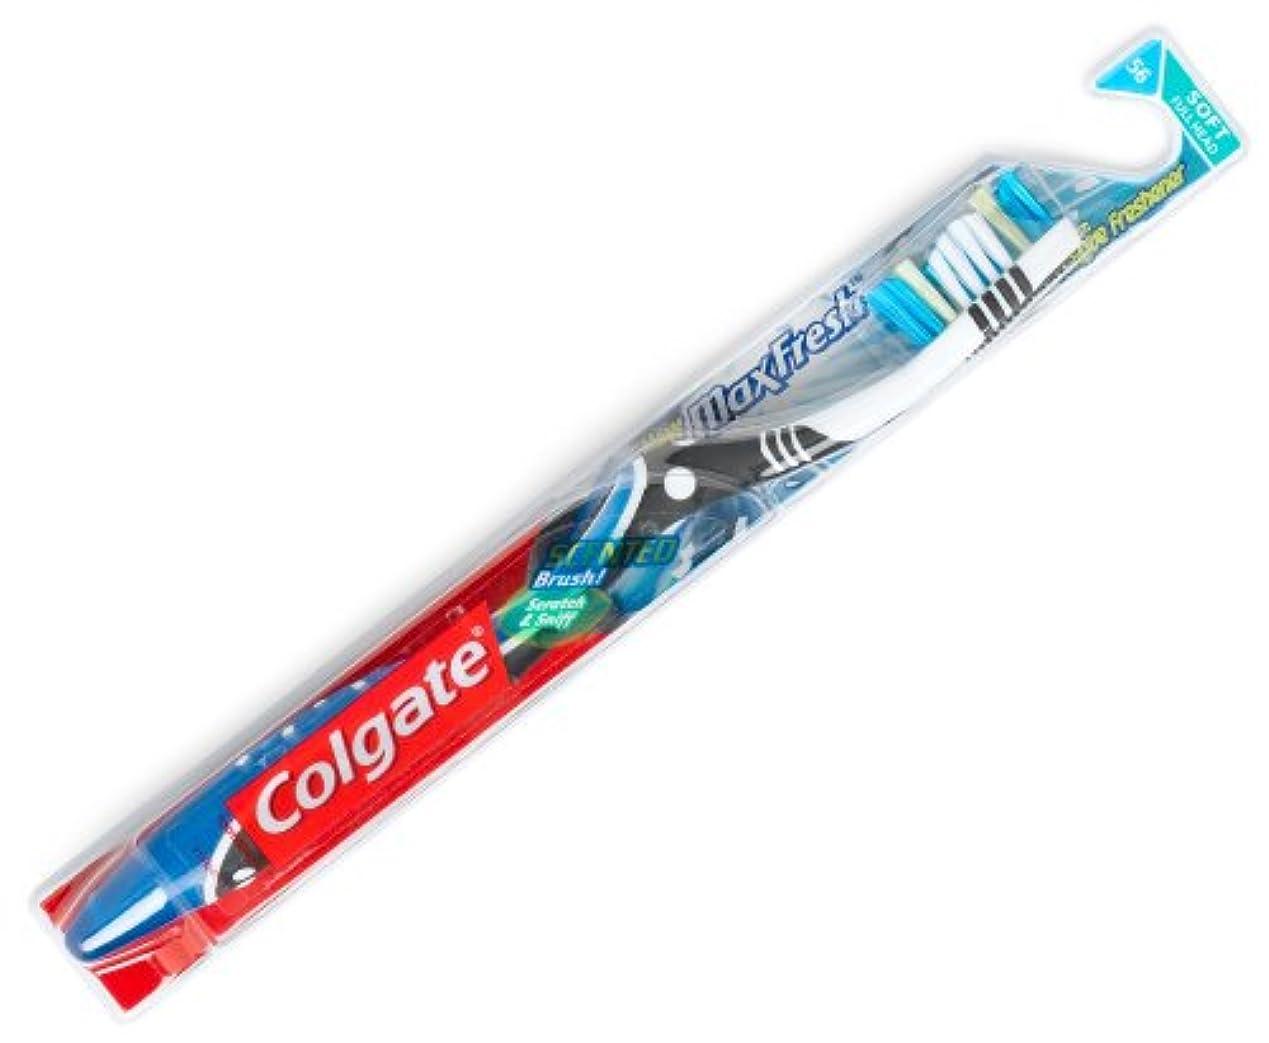 透明に気になるただColgate マックス新鮮な柔らかい歯ブラシ2PK、1カラット